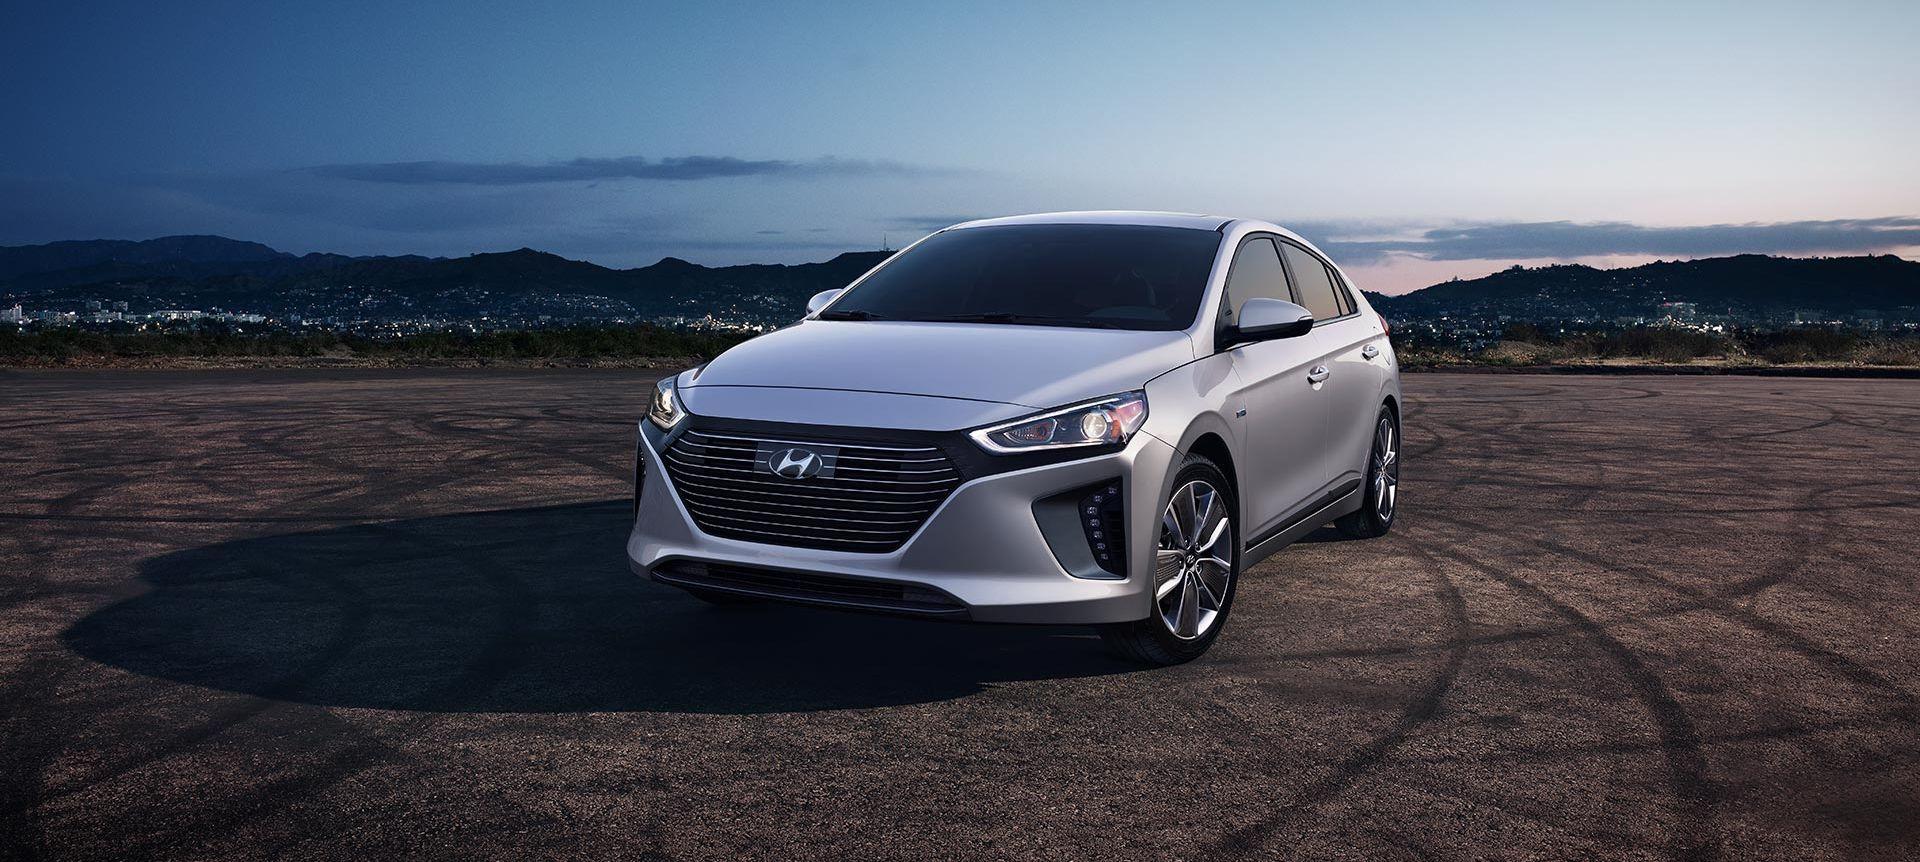 Hyundai Ioniq 2019 a la venta cerca de Washington, DC